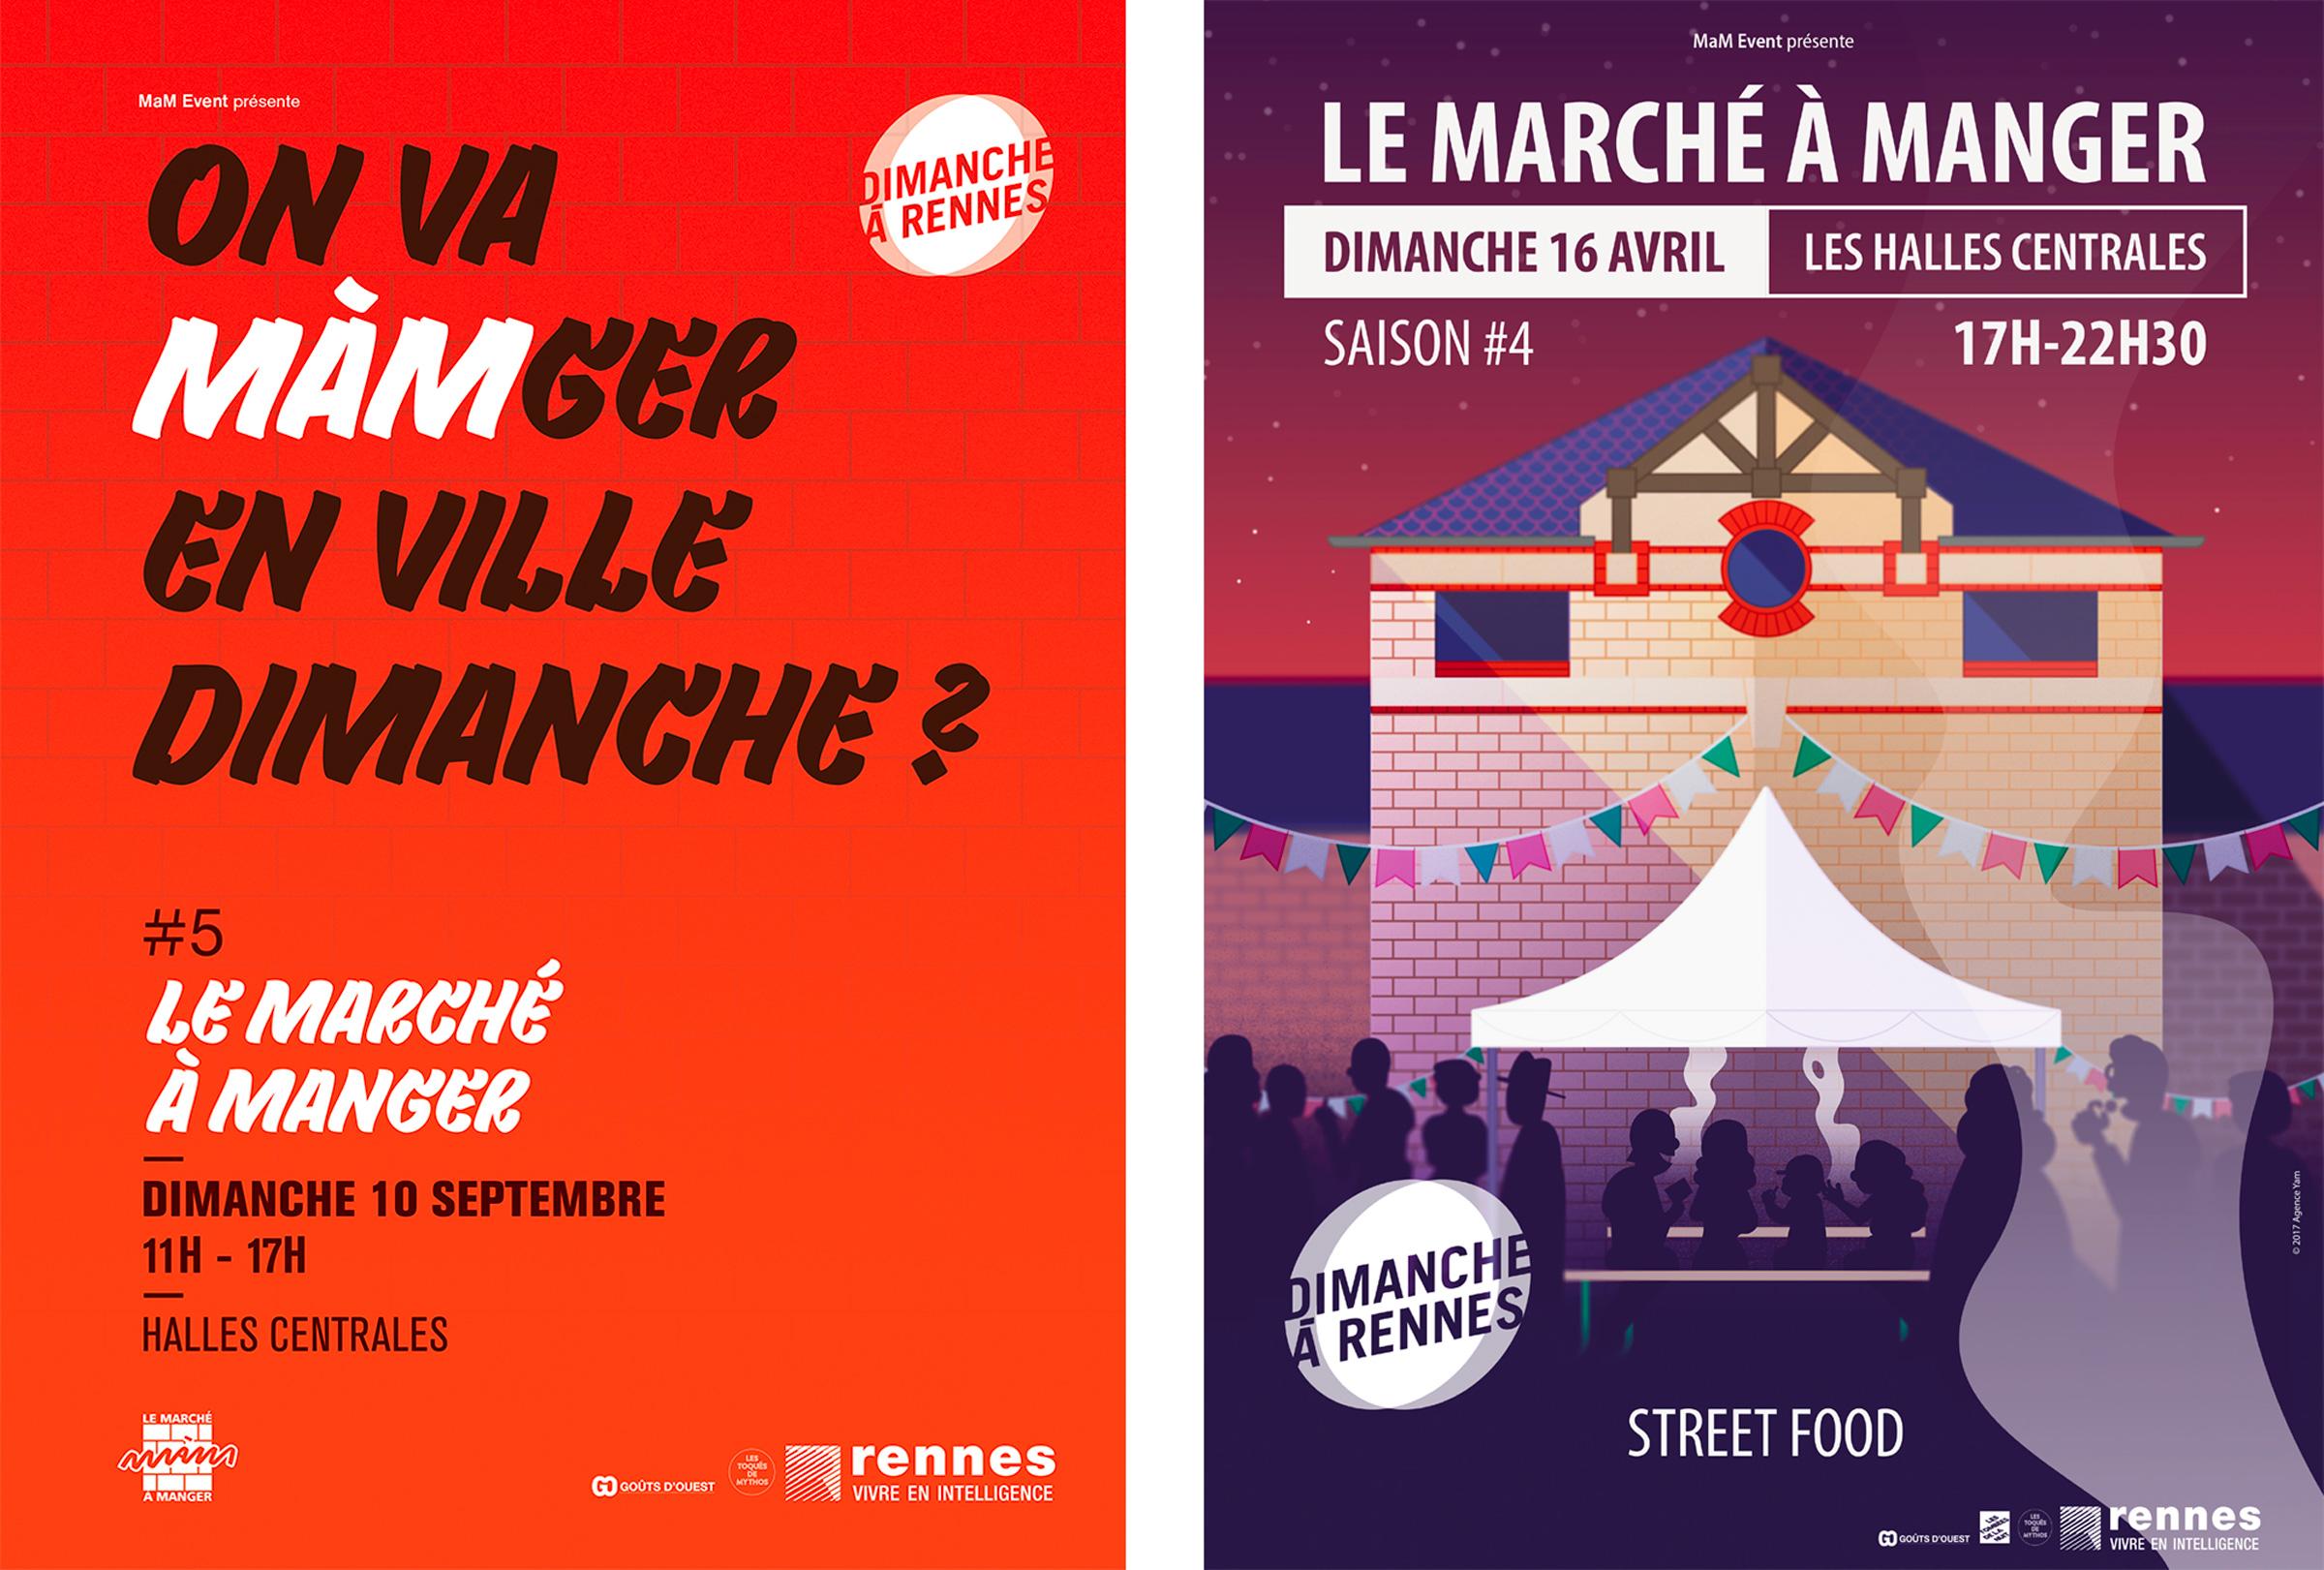 création d'affiche pour événement culturel à rennes